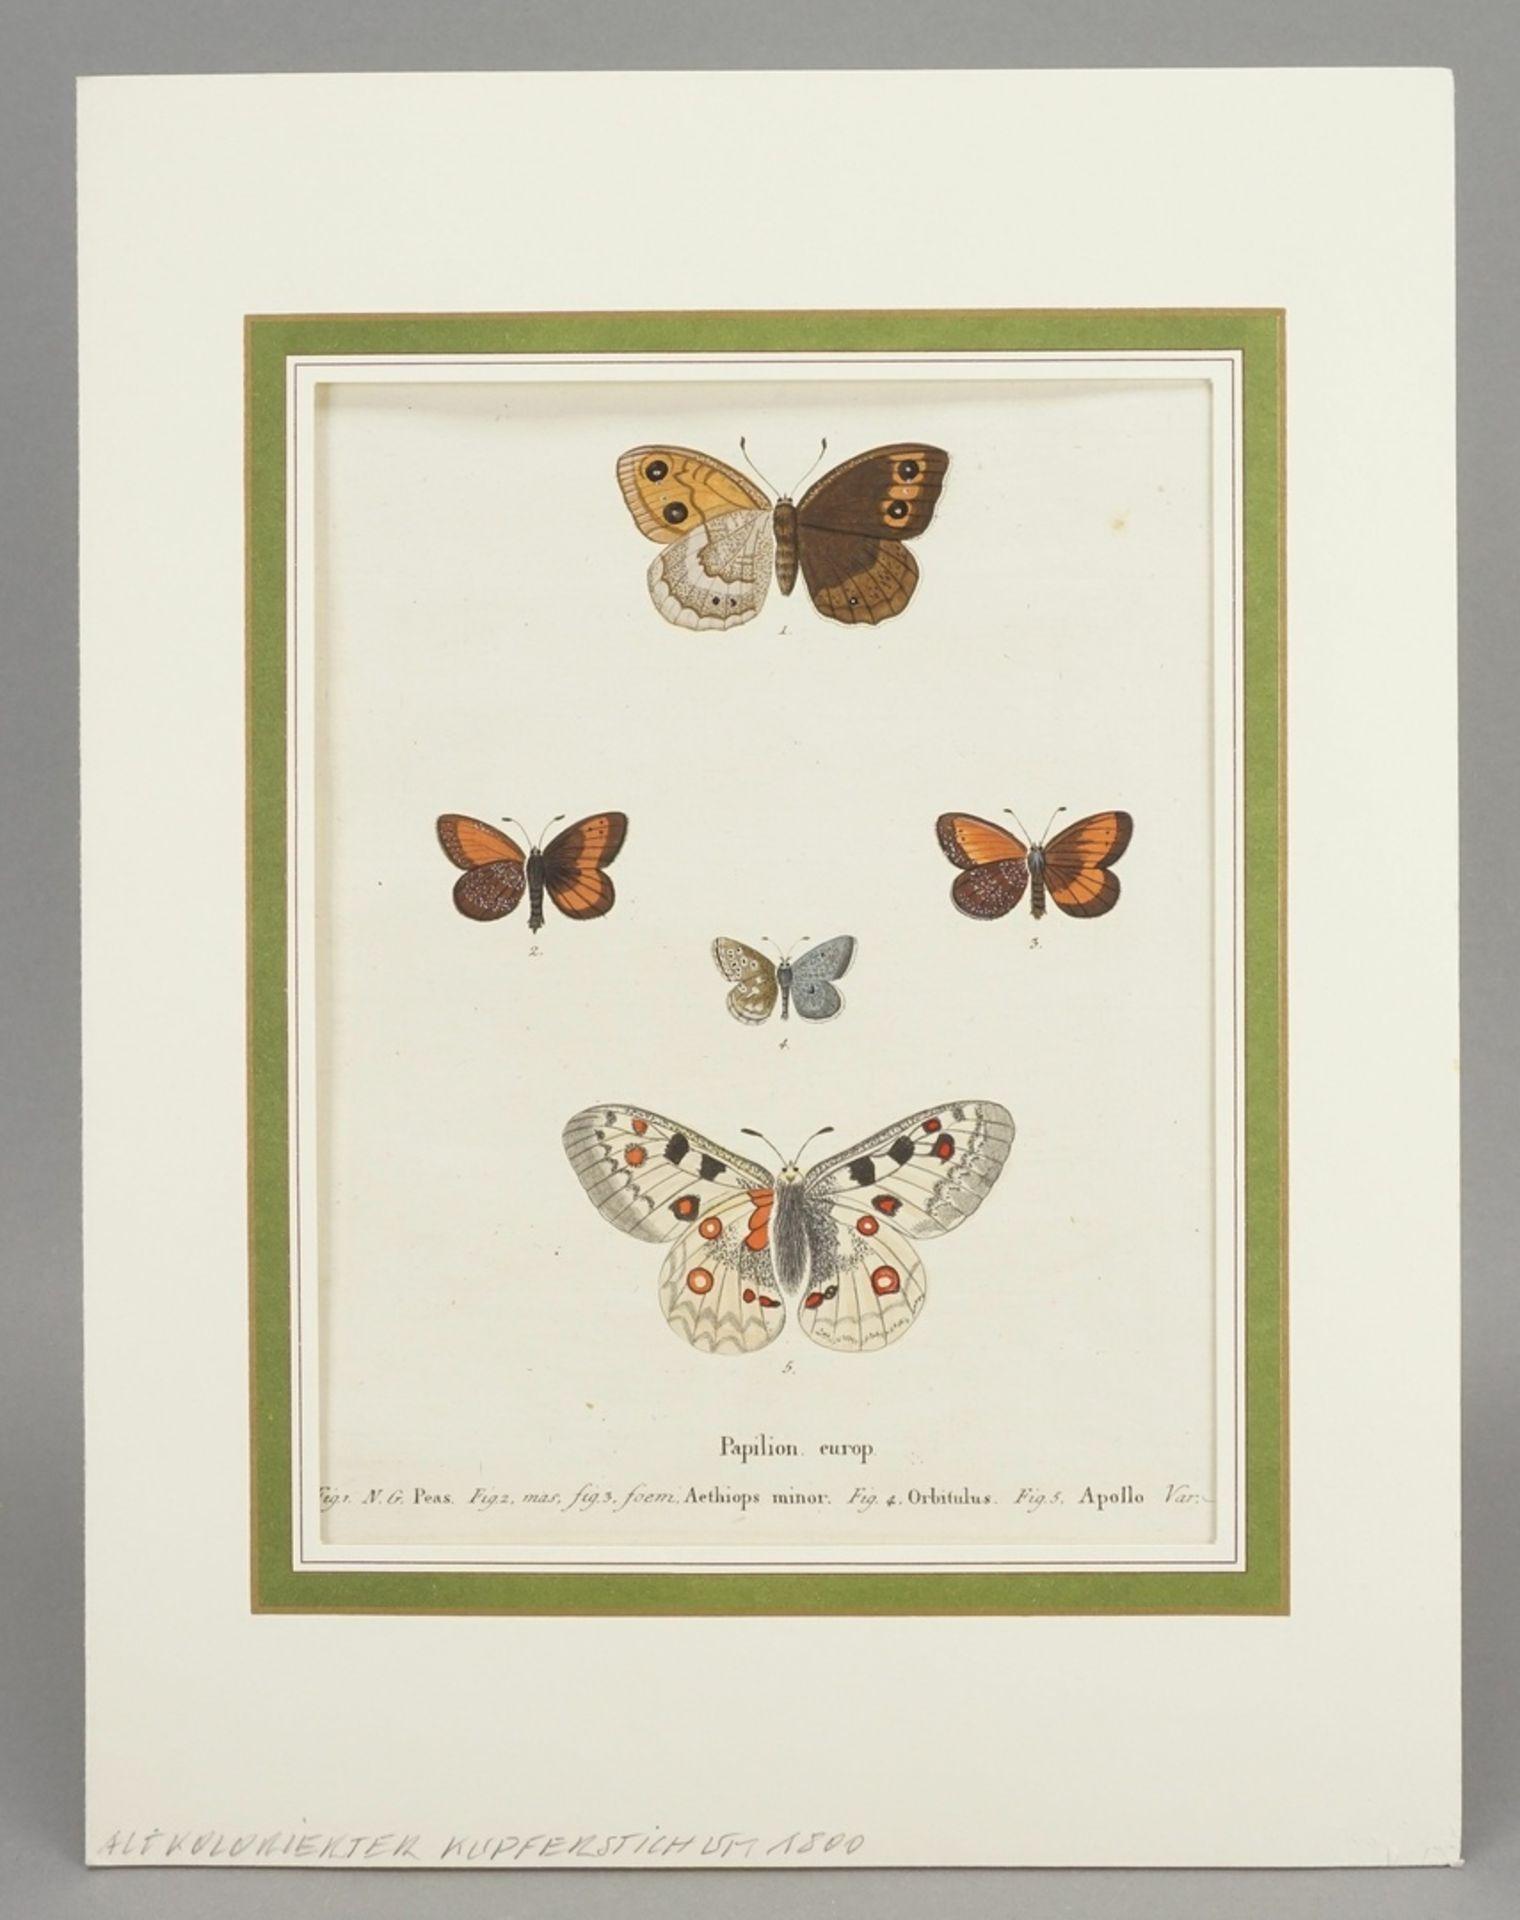 """Johann Friedrich Volkart, Naturkundliches Blatt, """"Papilion. europ. (Europäische Schmetterlinge)"""" - Bild 2 aus 3"""